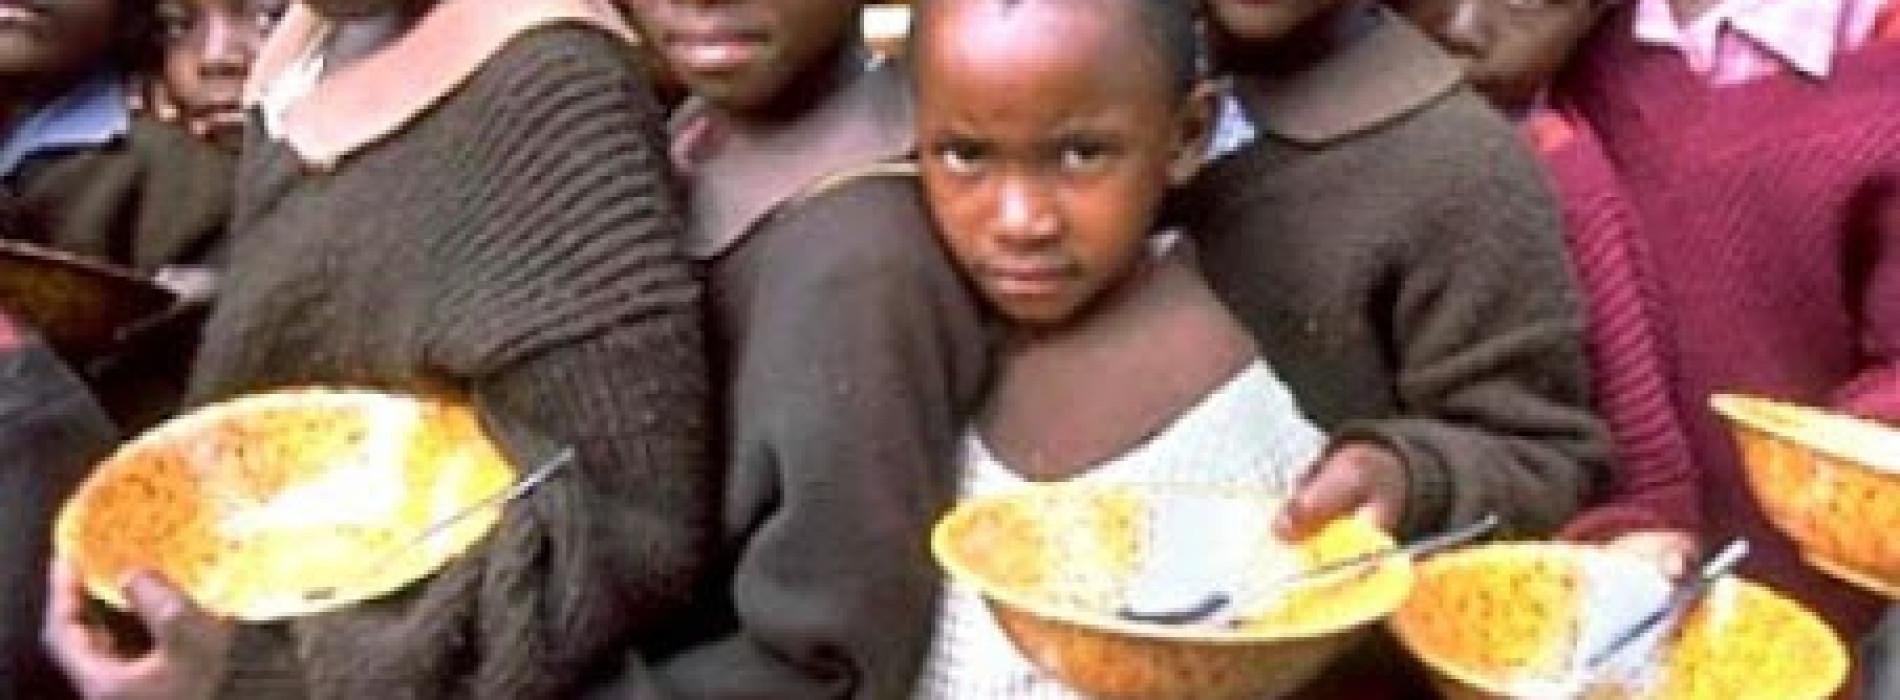 1, 200 children die daily in Nigeria from malnutrition